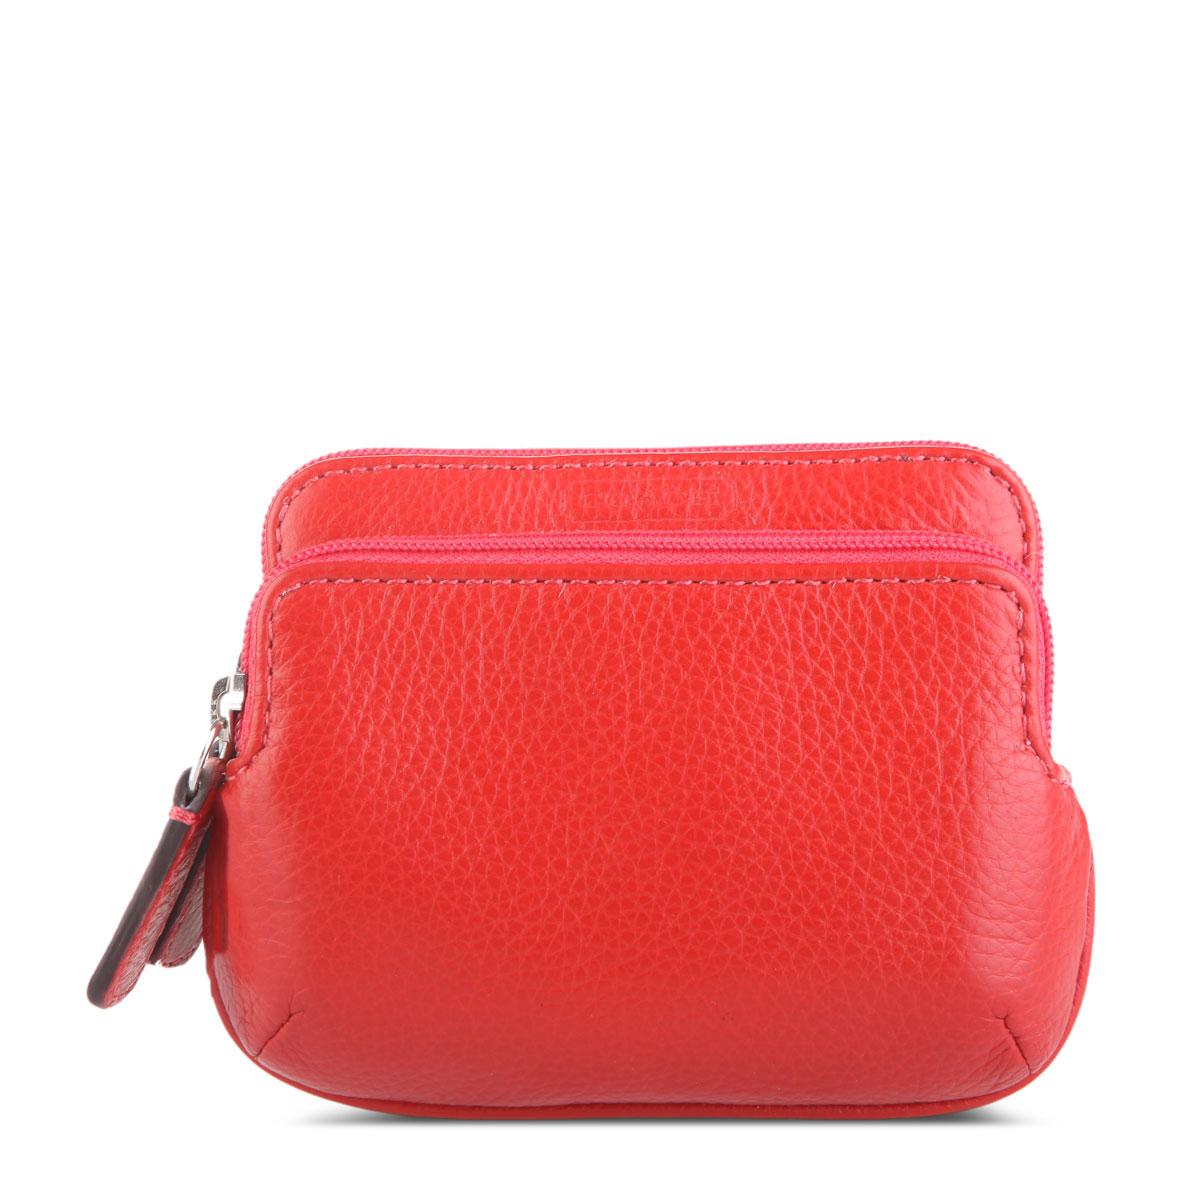 红色纯皮零钱包